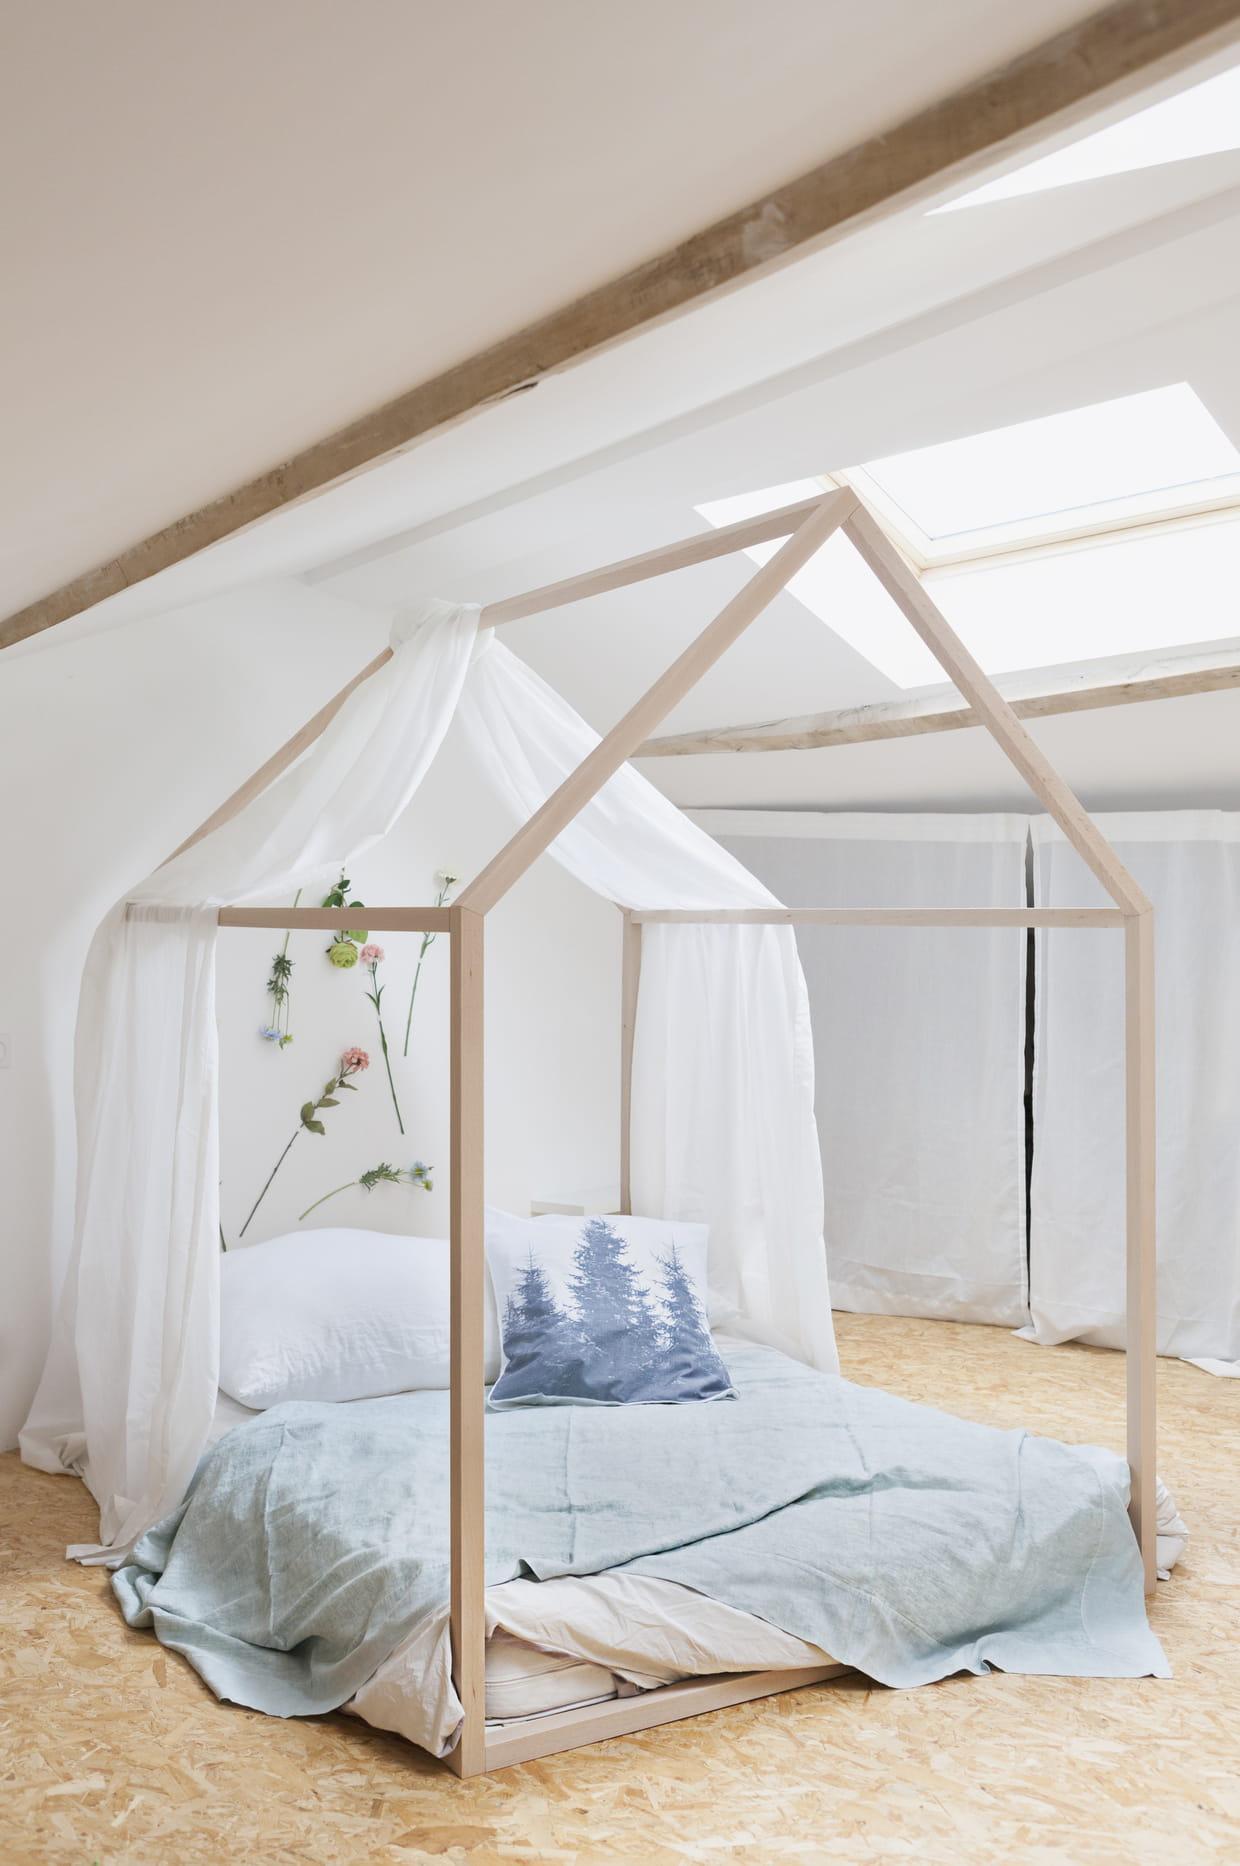 lit cabane dreamer par blomkal. Black Bedroom Furniture Sets. Home Design Ideas